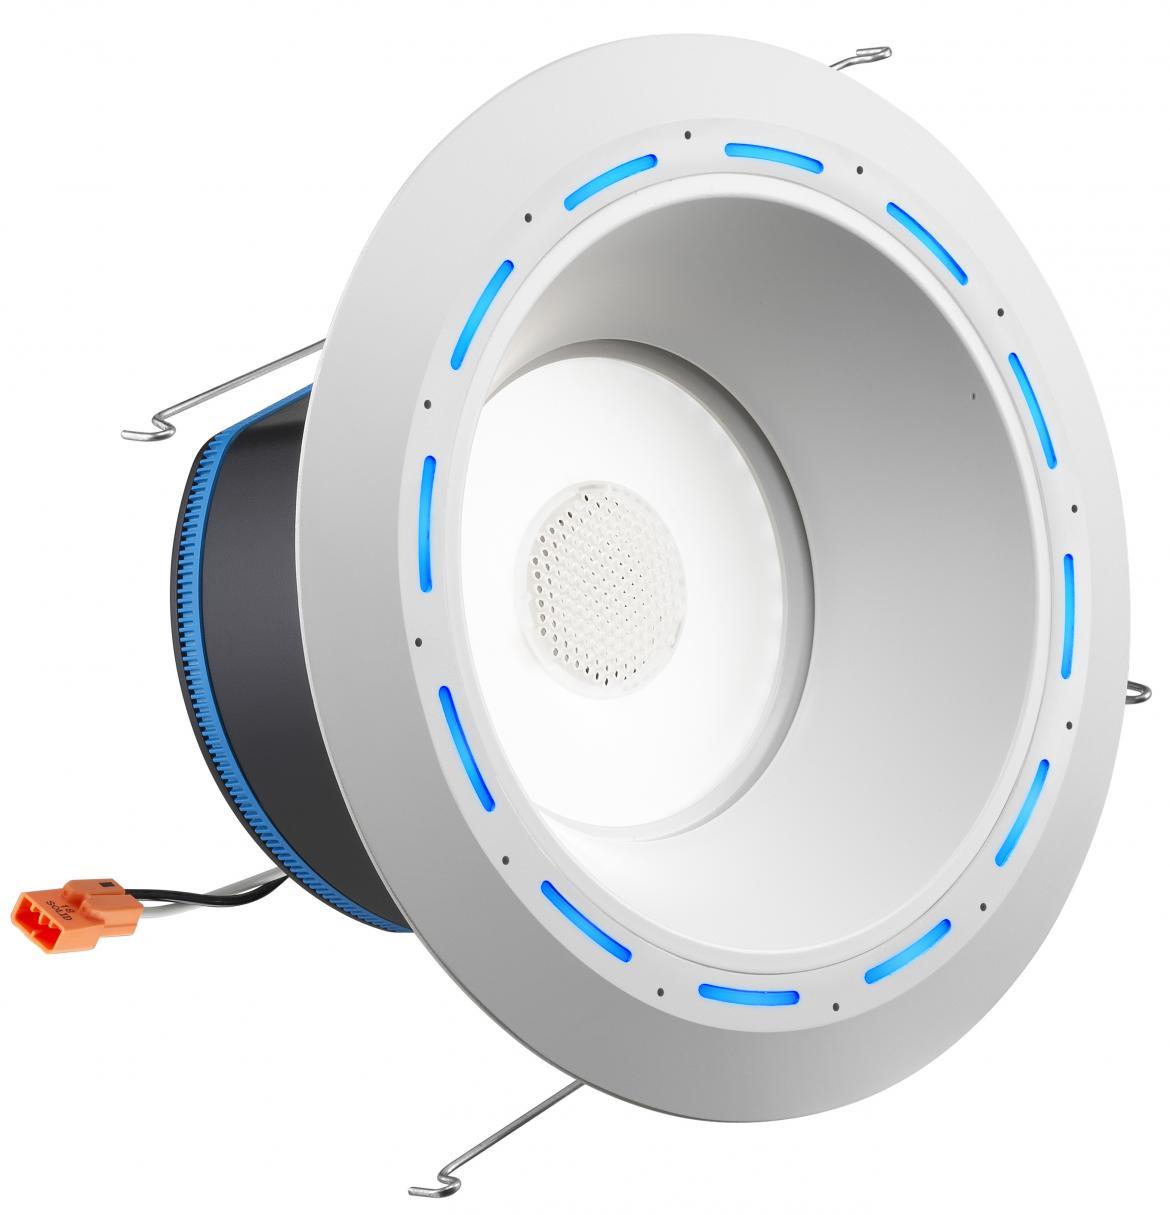 Juno Lighting Juno AI Smart Speaker Downlight with Alexa Built In